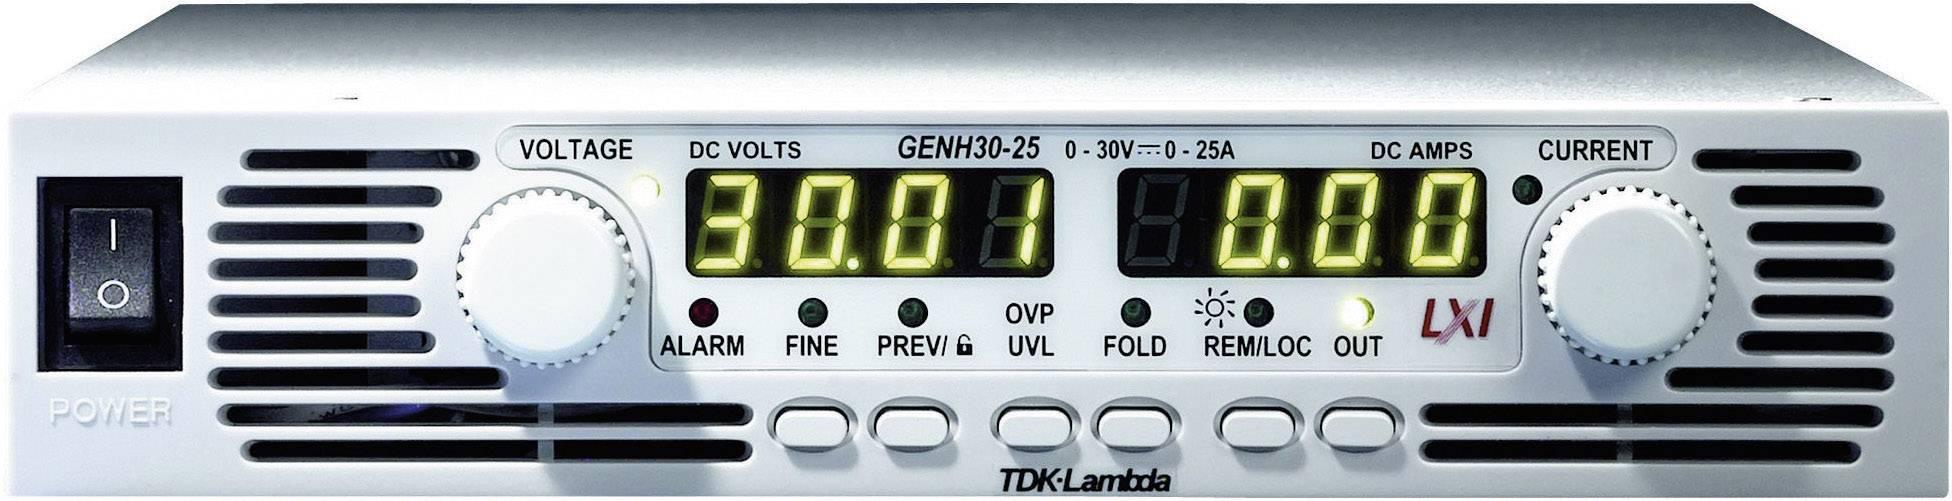 "19"" laboratórny zdroj s nastaviteľným napätím TDK-Lambda GENH-60-12.5/LN, 0 - 60 V/DC, 0 - 12.5 A"